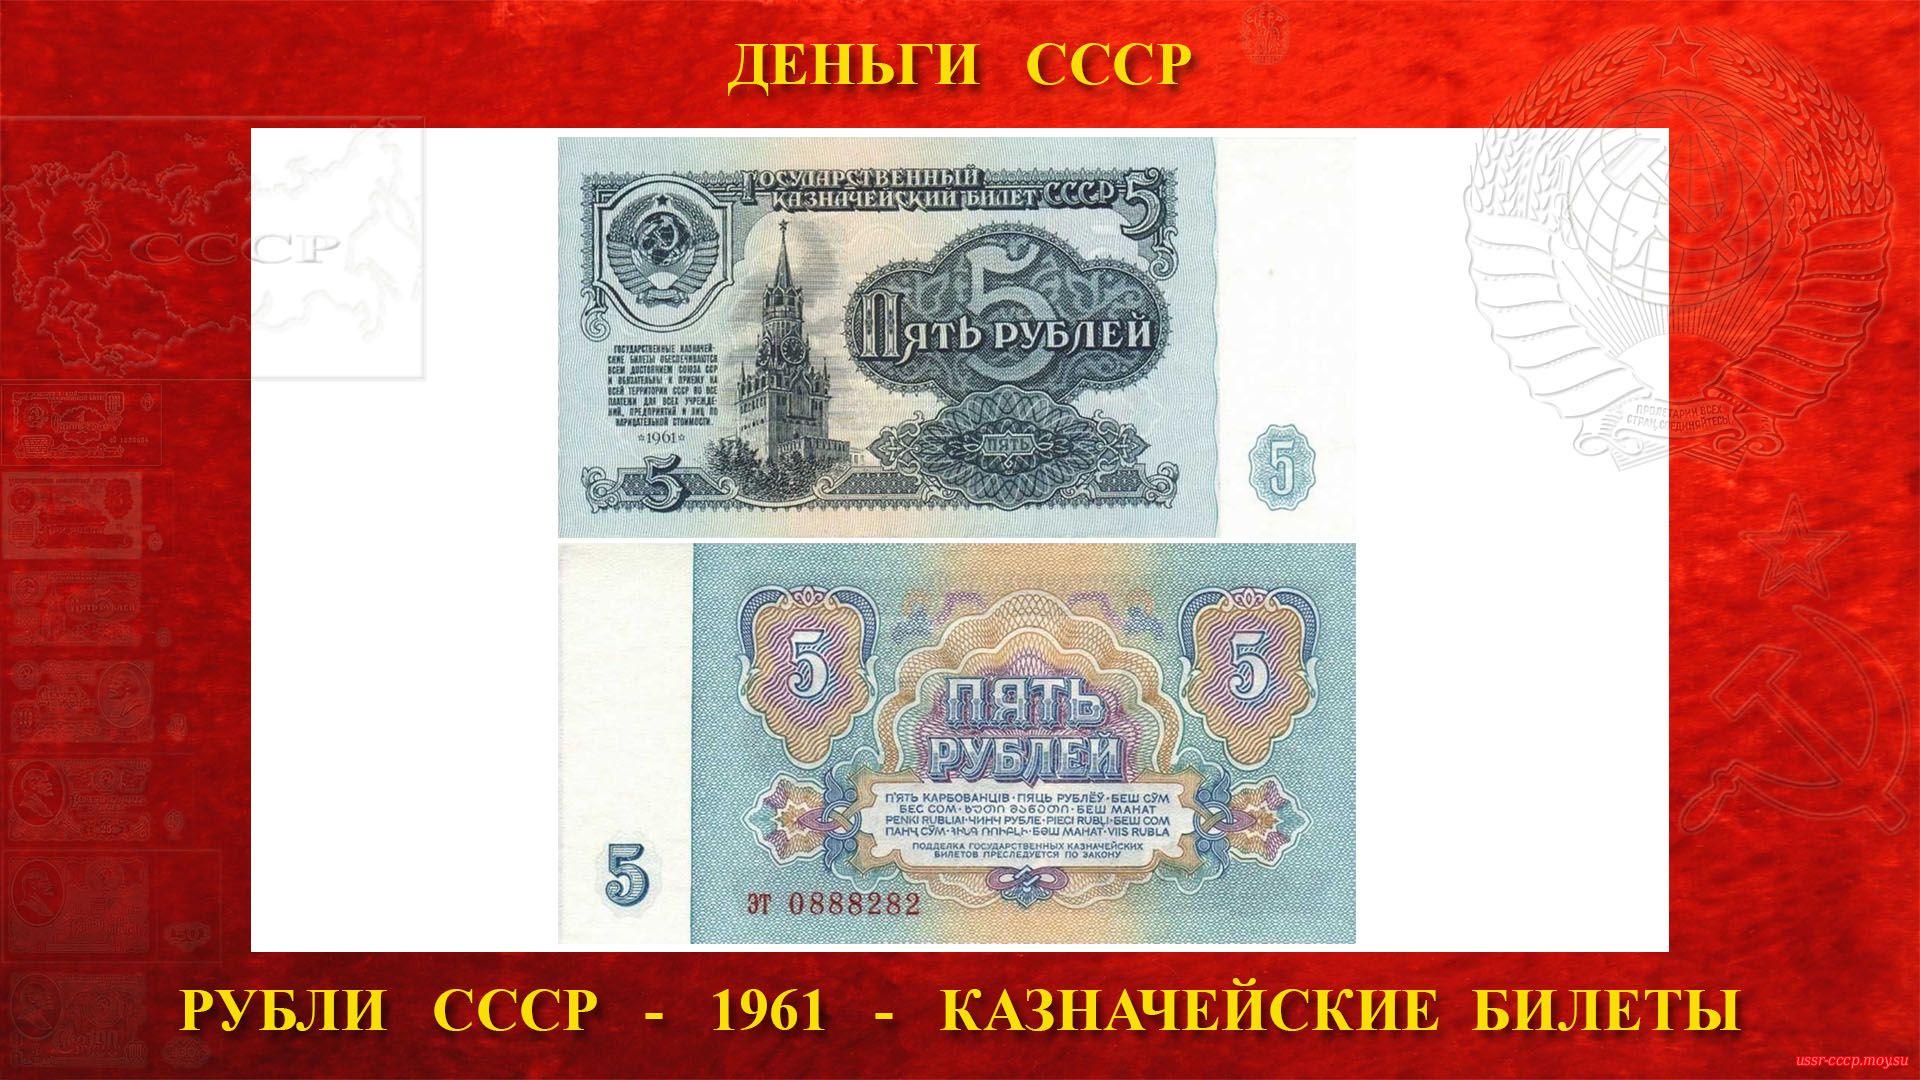 Пять (5) рублей СССР — Образца 1961 года (повествование)